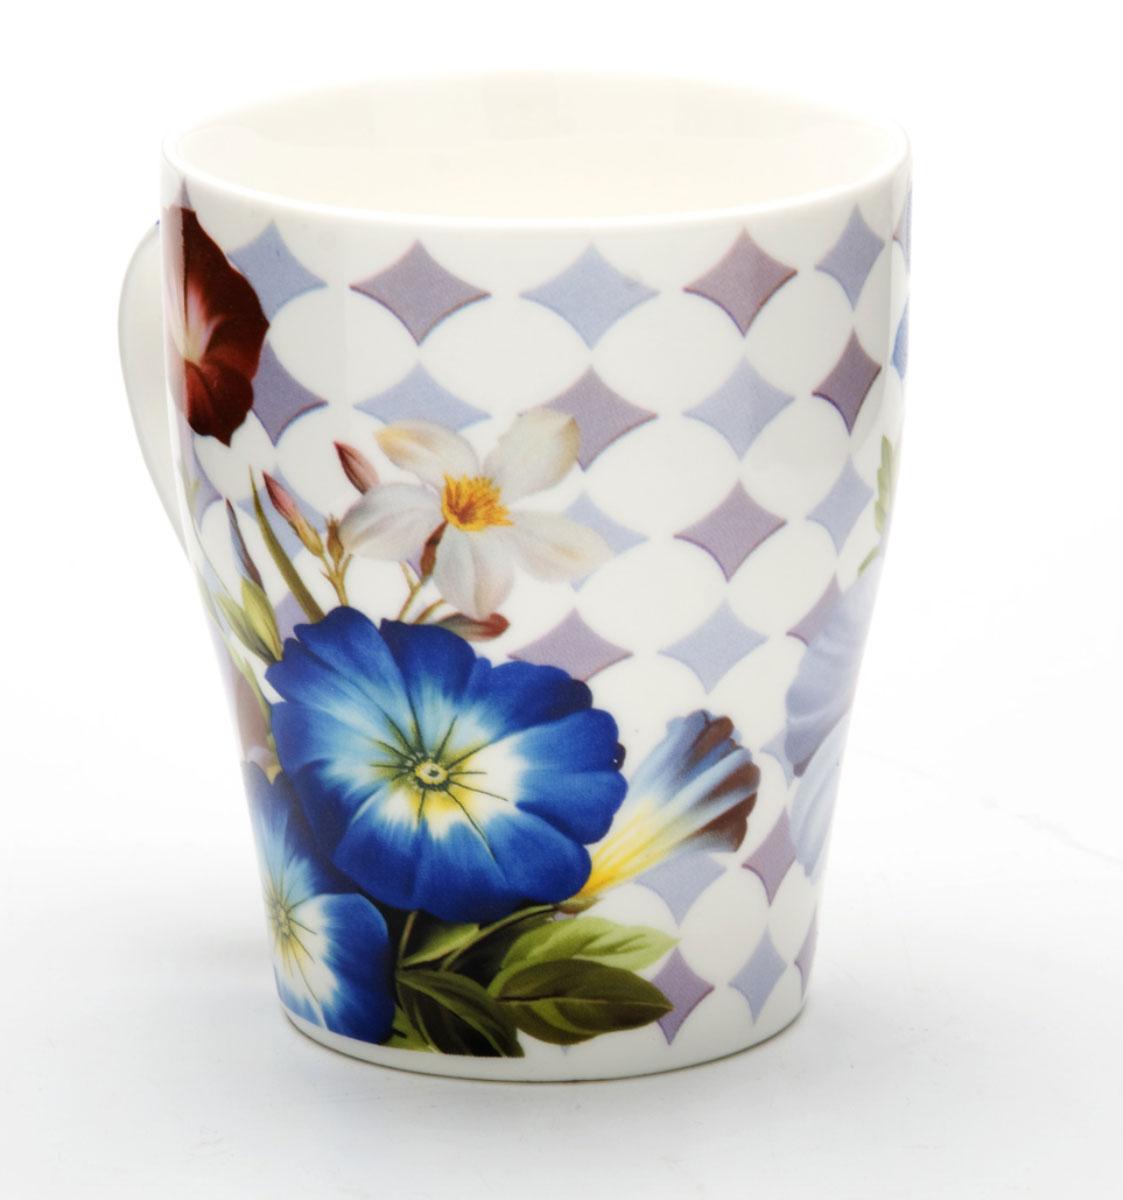 Кружка Loraine Цветы, 340 мл. 2444924449Кружка изготовлена из высококачественного костяного фарфора и оформлена стильным рисунком Цветы. Изящный дизайн придется по вкусу и ценителям классики, и тем, кто предпочитает утонченность и изысканность. Она настроит на позитивный лад и подарит хорошее настроение с самого утра. Кружка LORAINE - идеальный и необходимый подарок для вашего дома и для ваших друзей в праздники.